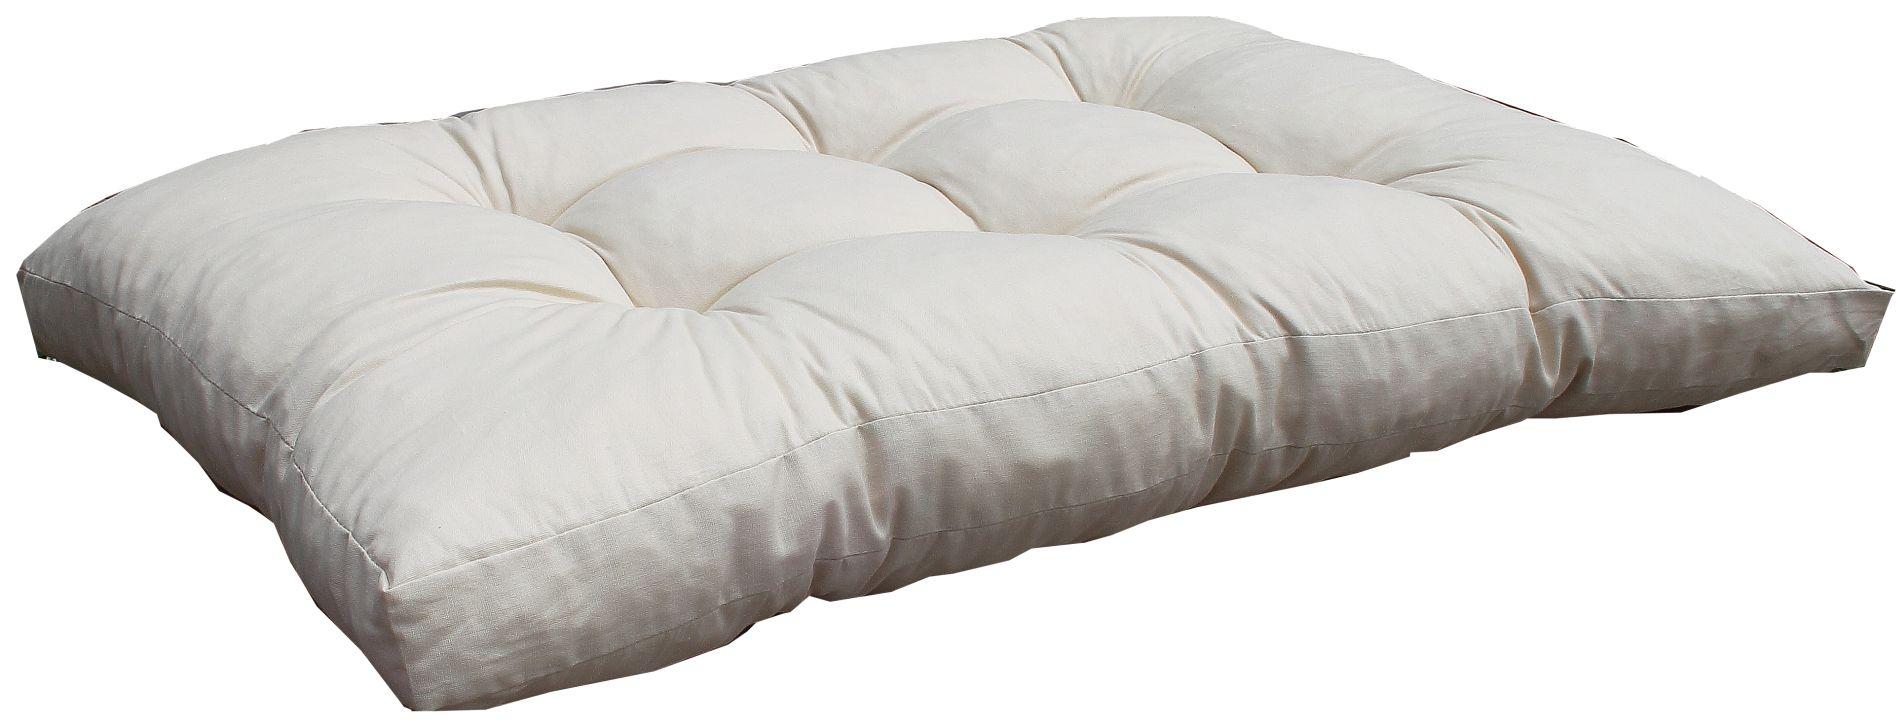 AUB01 Lounge-Kissen 120x80 HP Sitzkissen h.beige